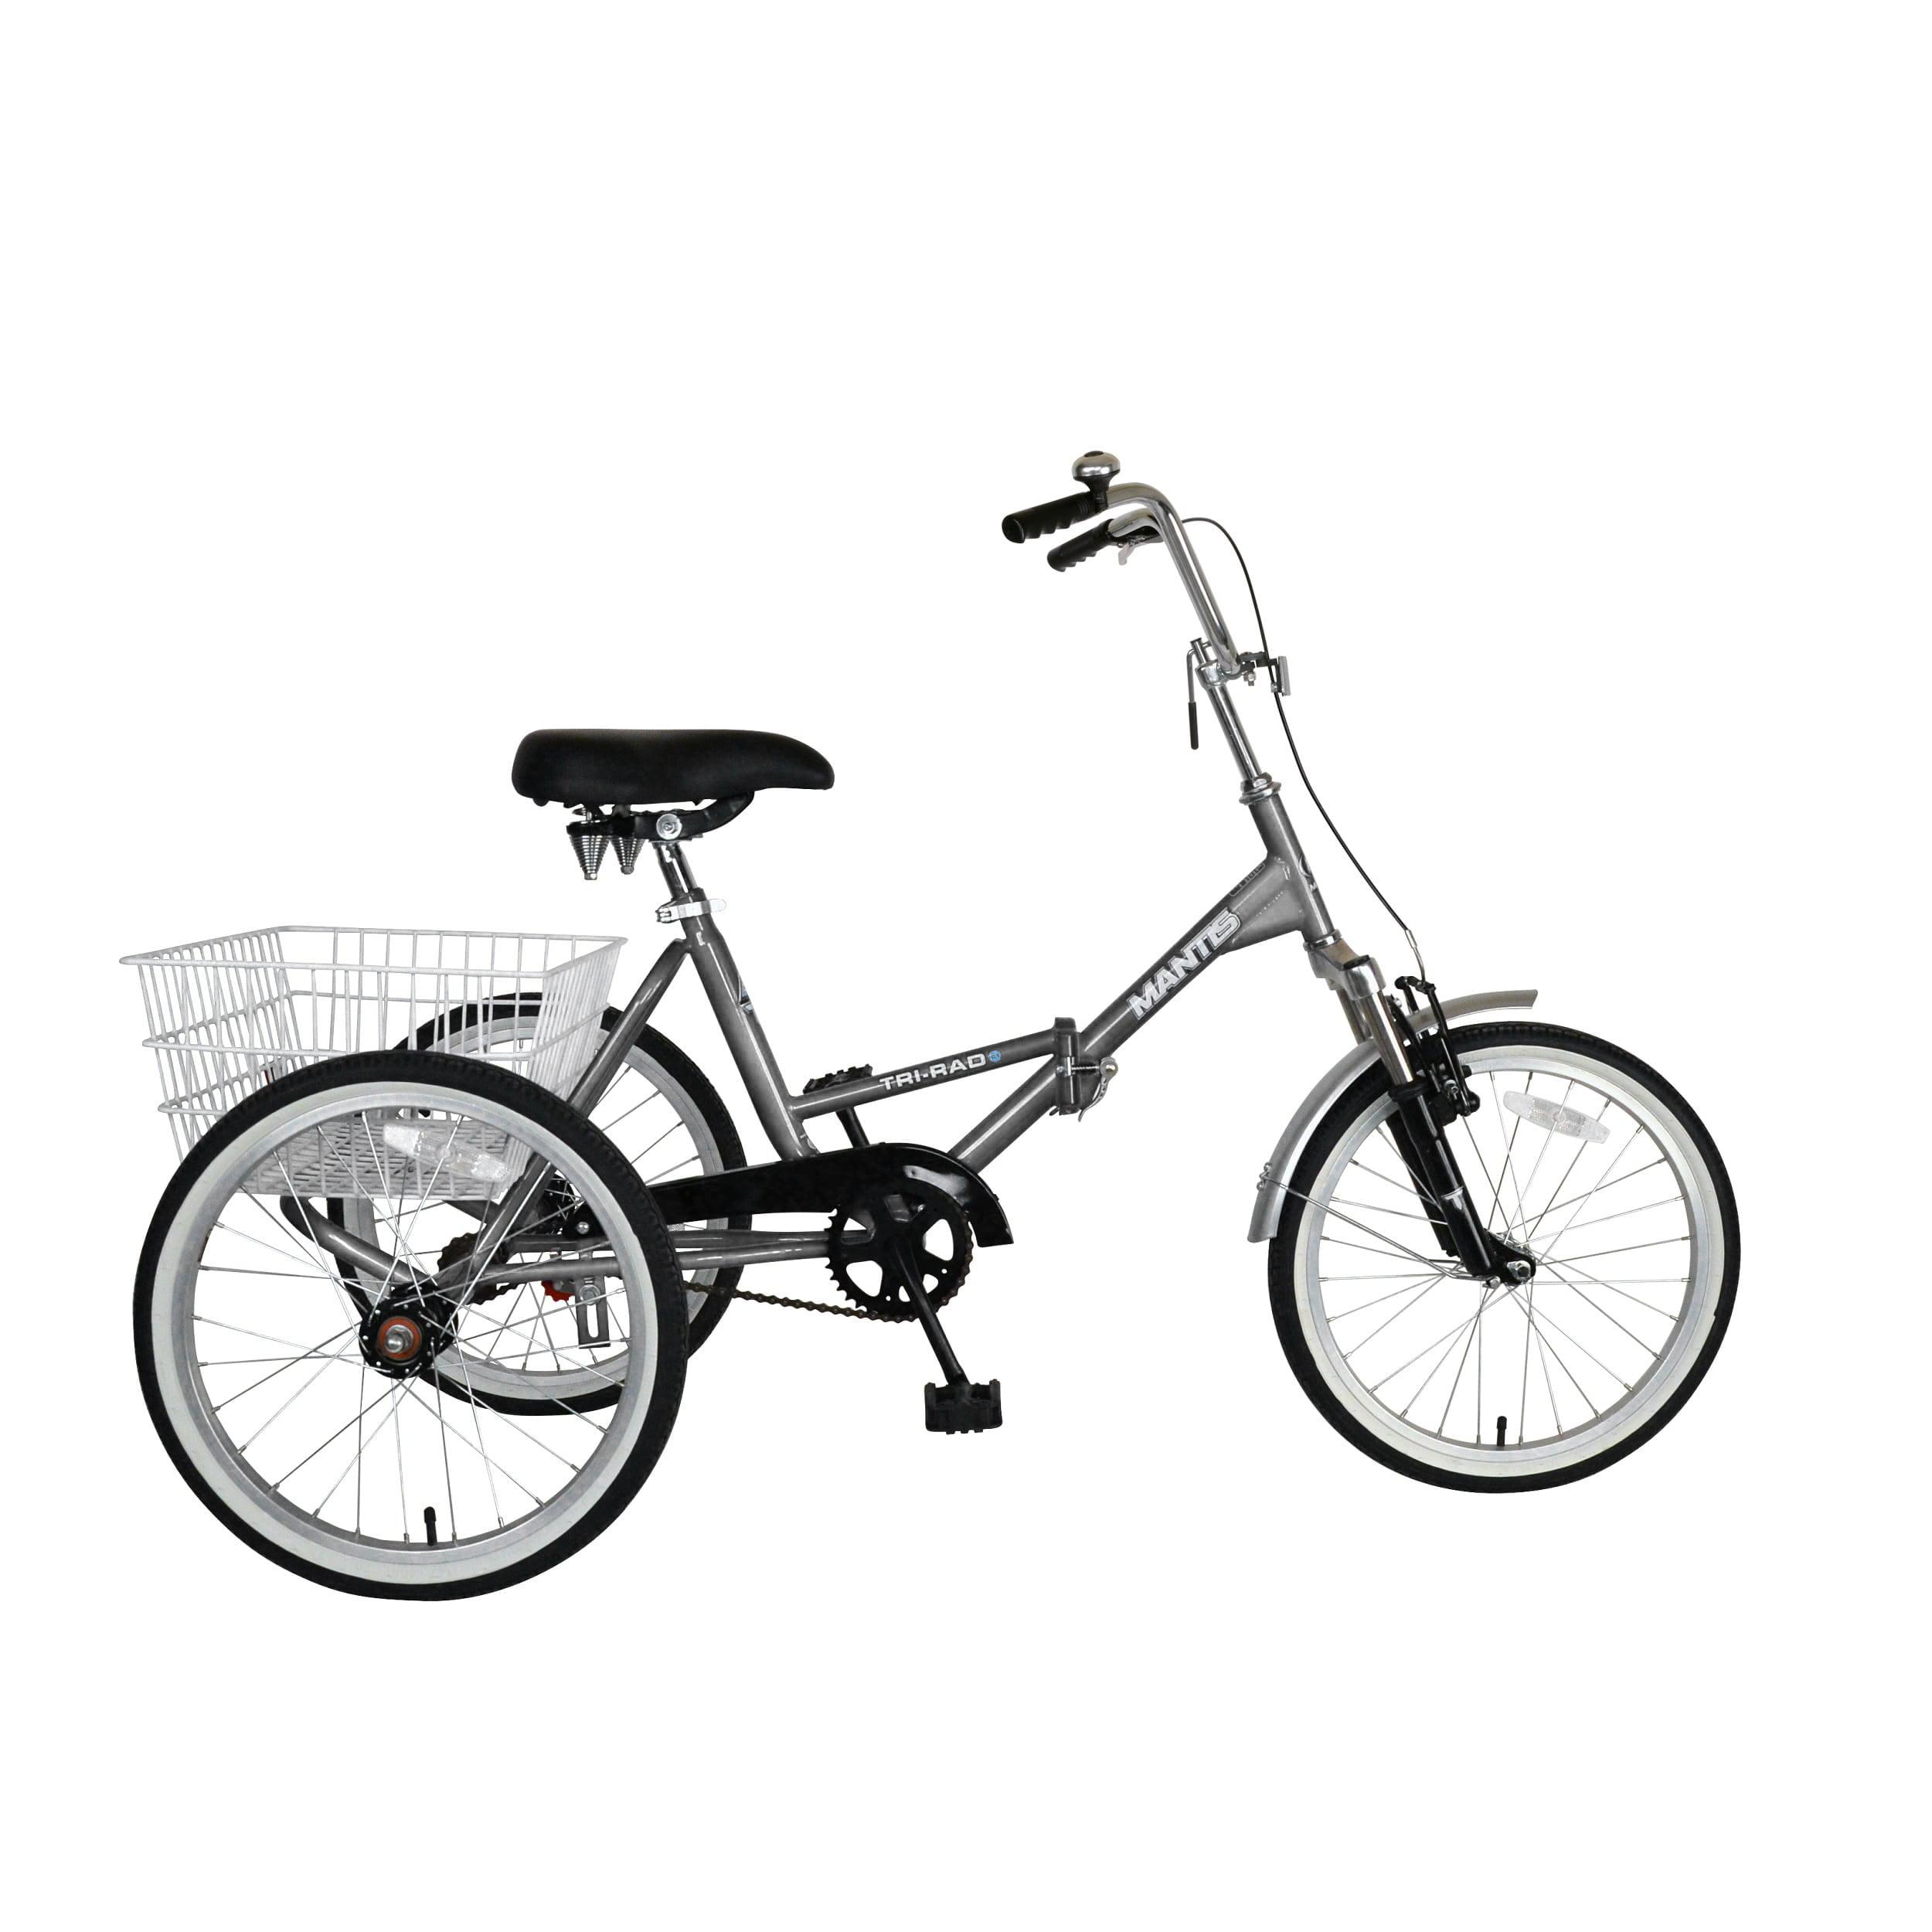 da ca d b dee bcccefbbcfbfabc jpeg mantis tri rad 20 folding adult tricycle unisex silver